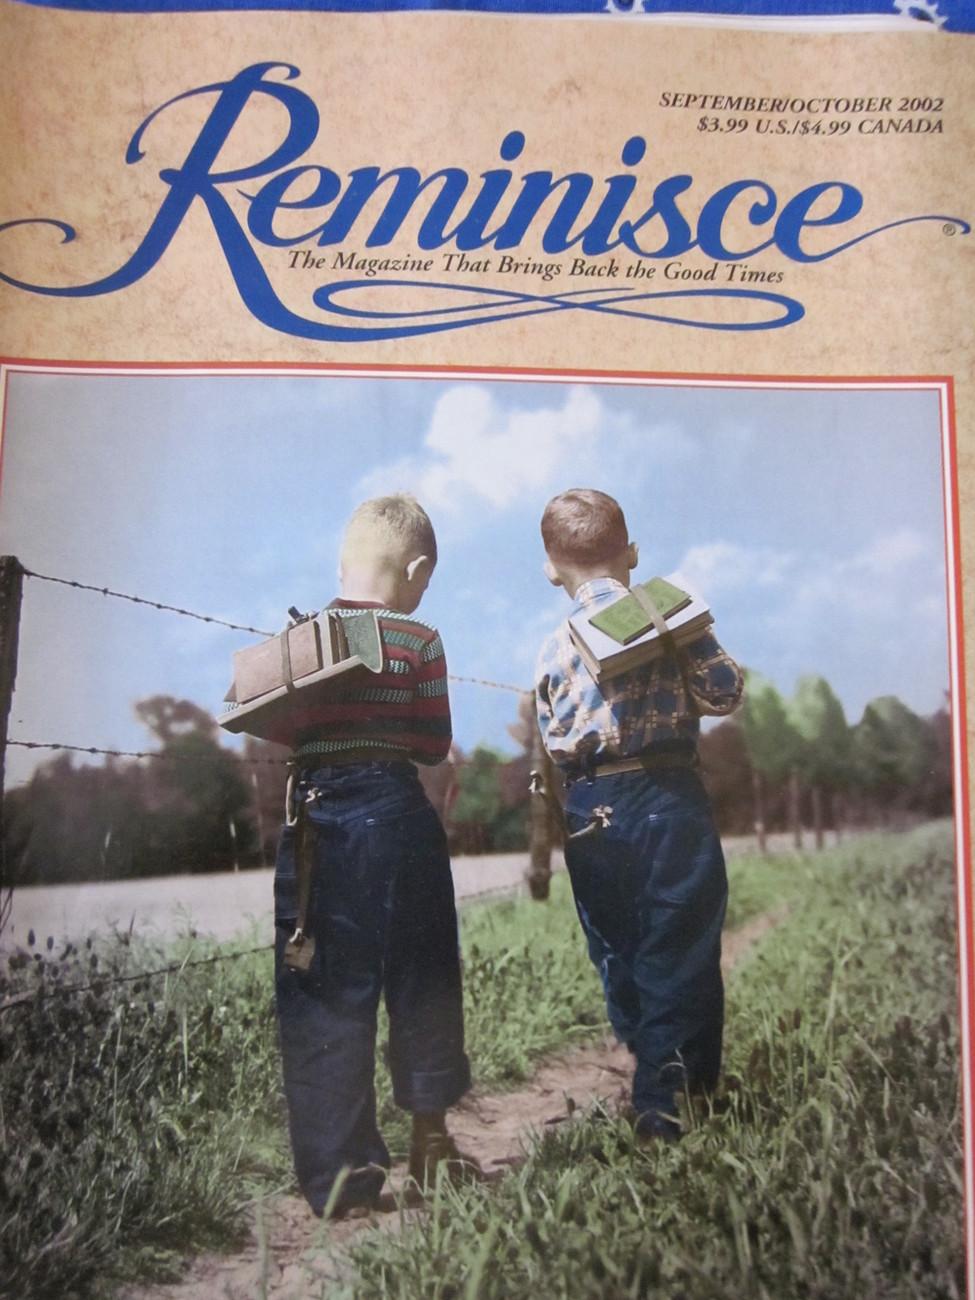 Reminisce Magazine Back Issue September / October 2002